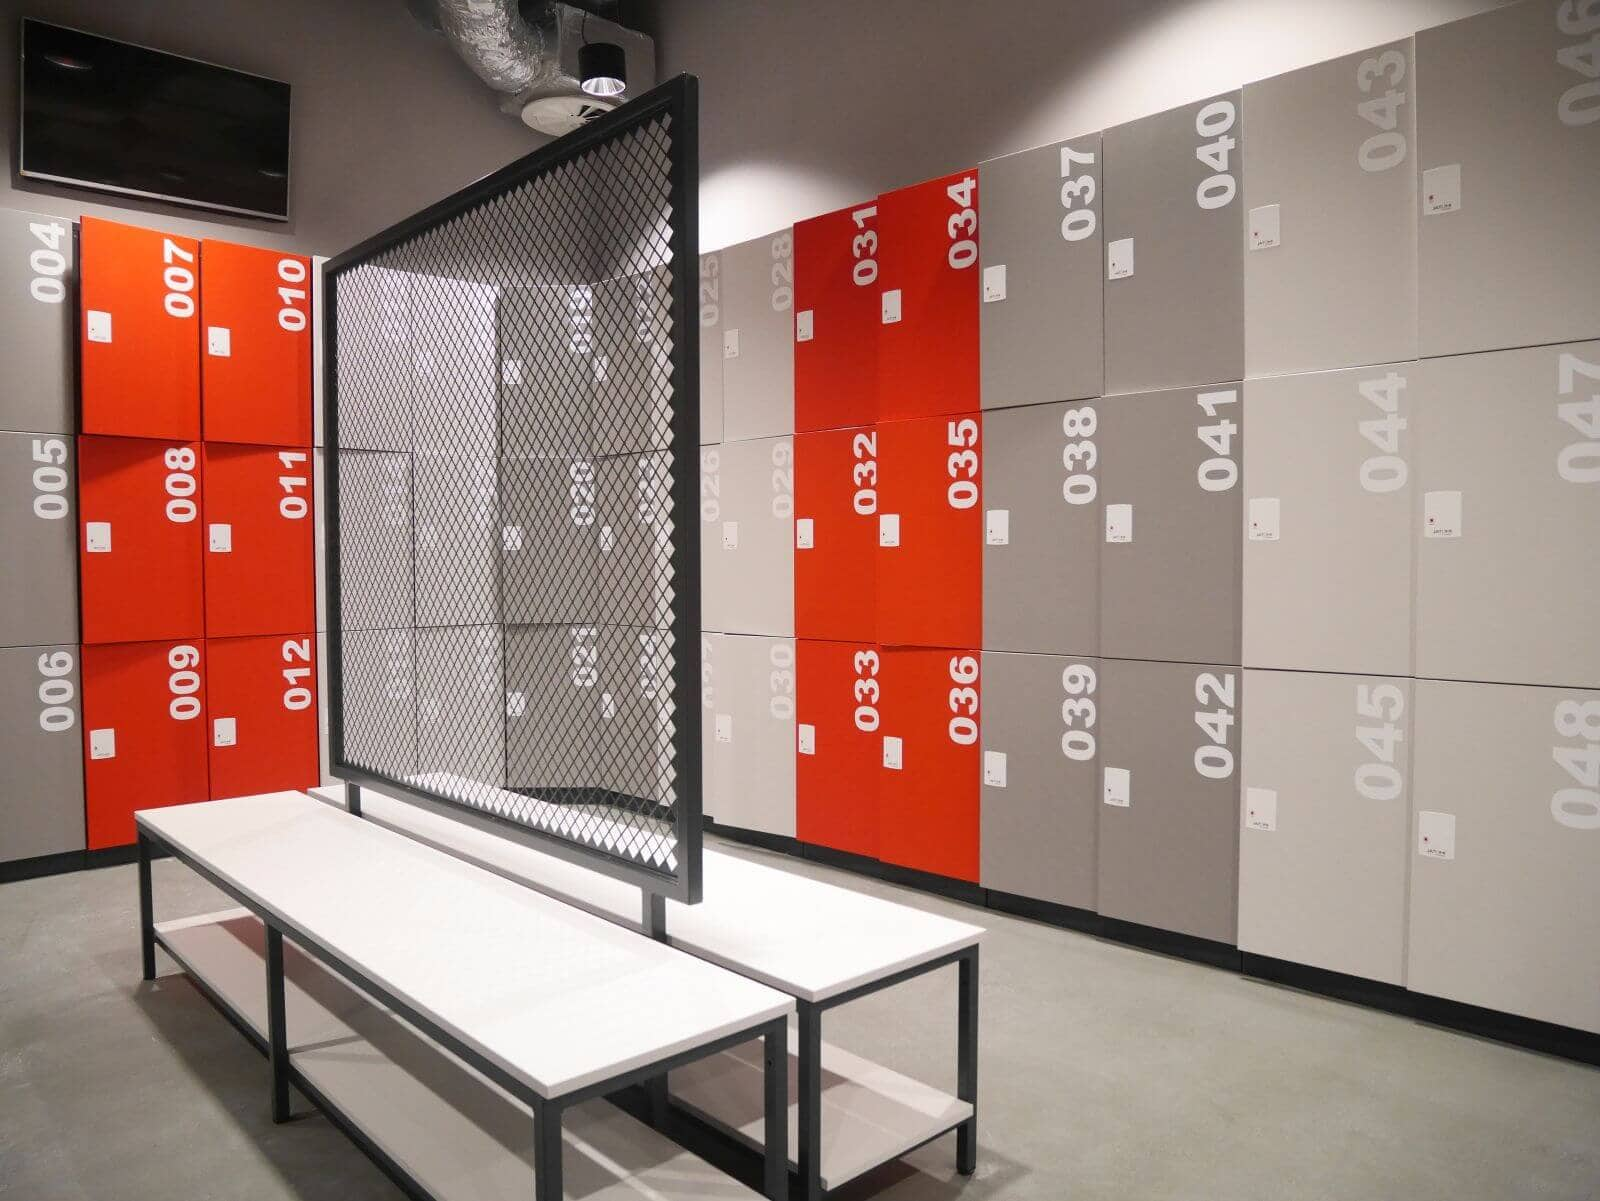 Garderobenbänke für Umkleideräume, Sitzbänke und Umkleidebänke ...